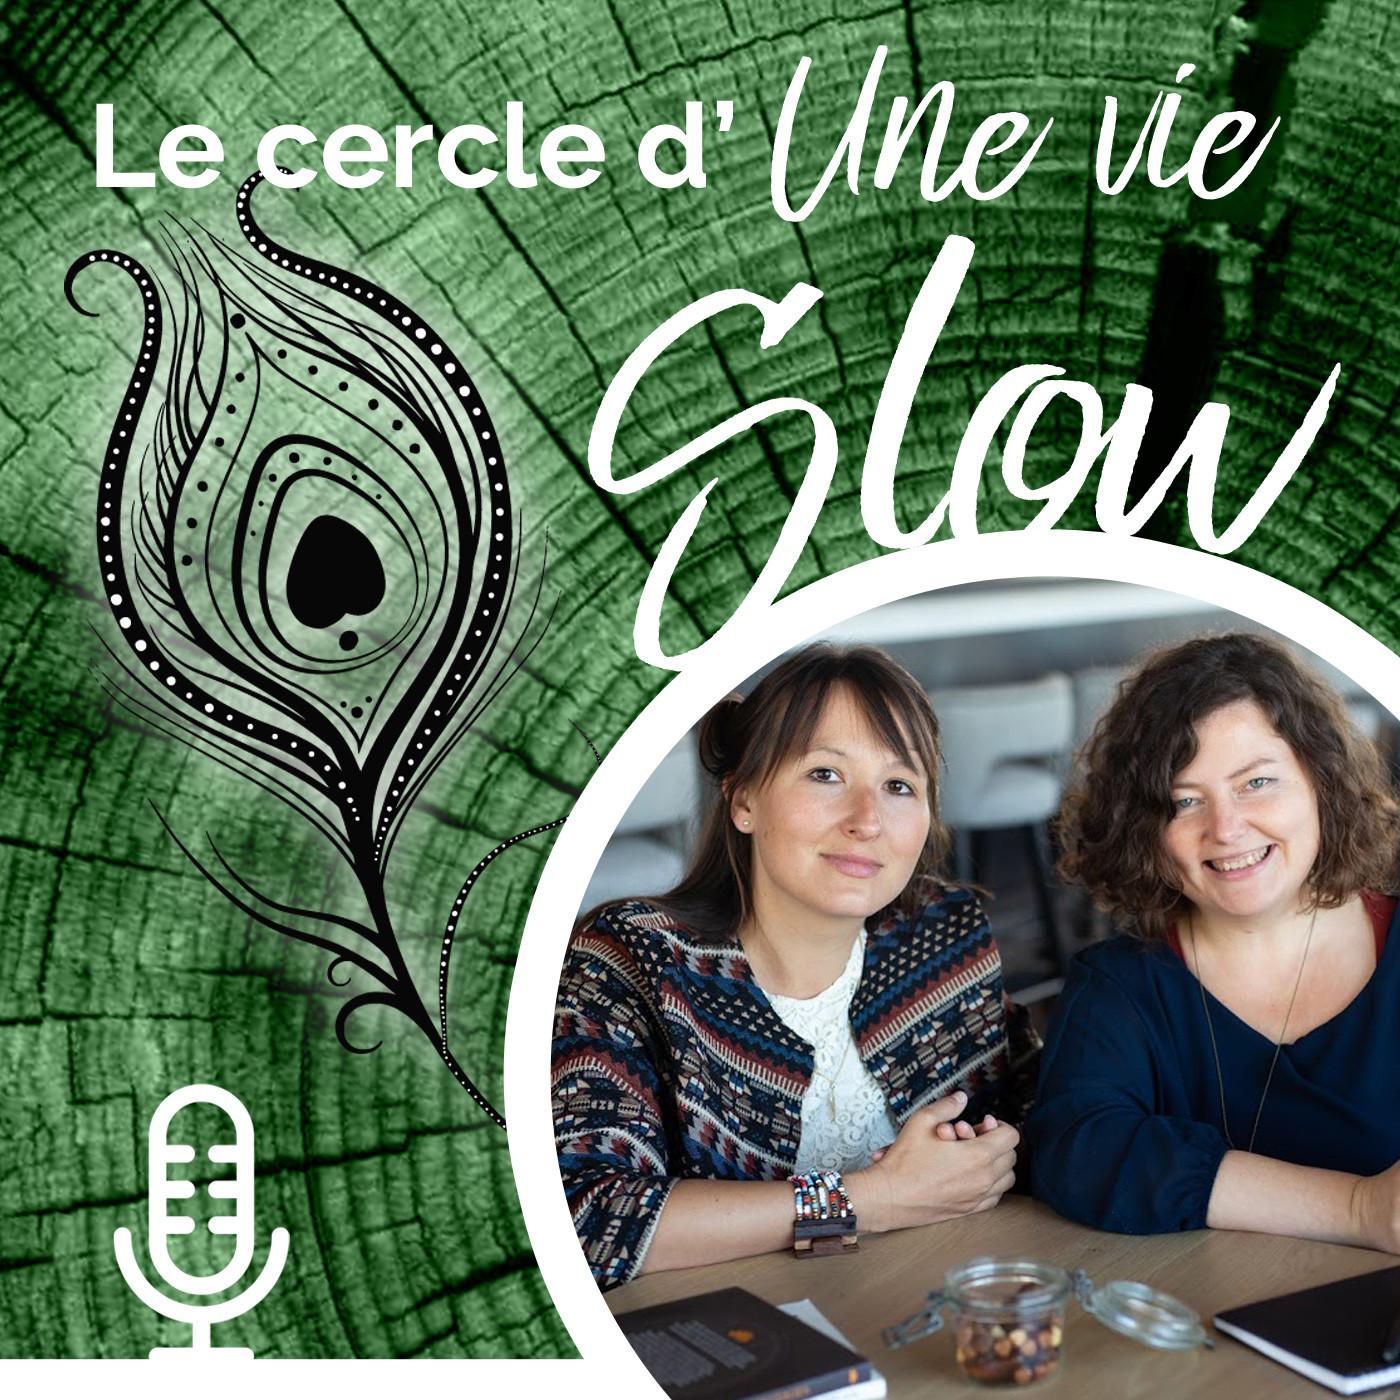 Le cercle d'Une Vie Slow - # 1 Le mois d'or